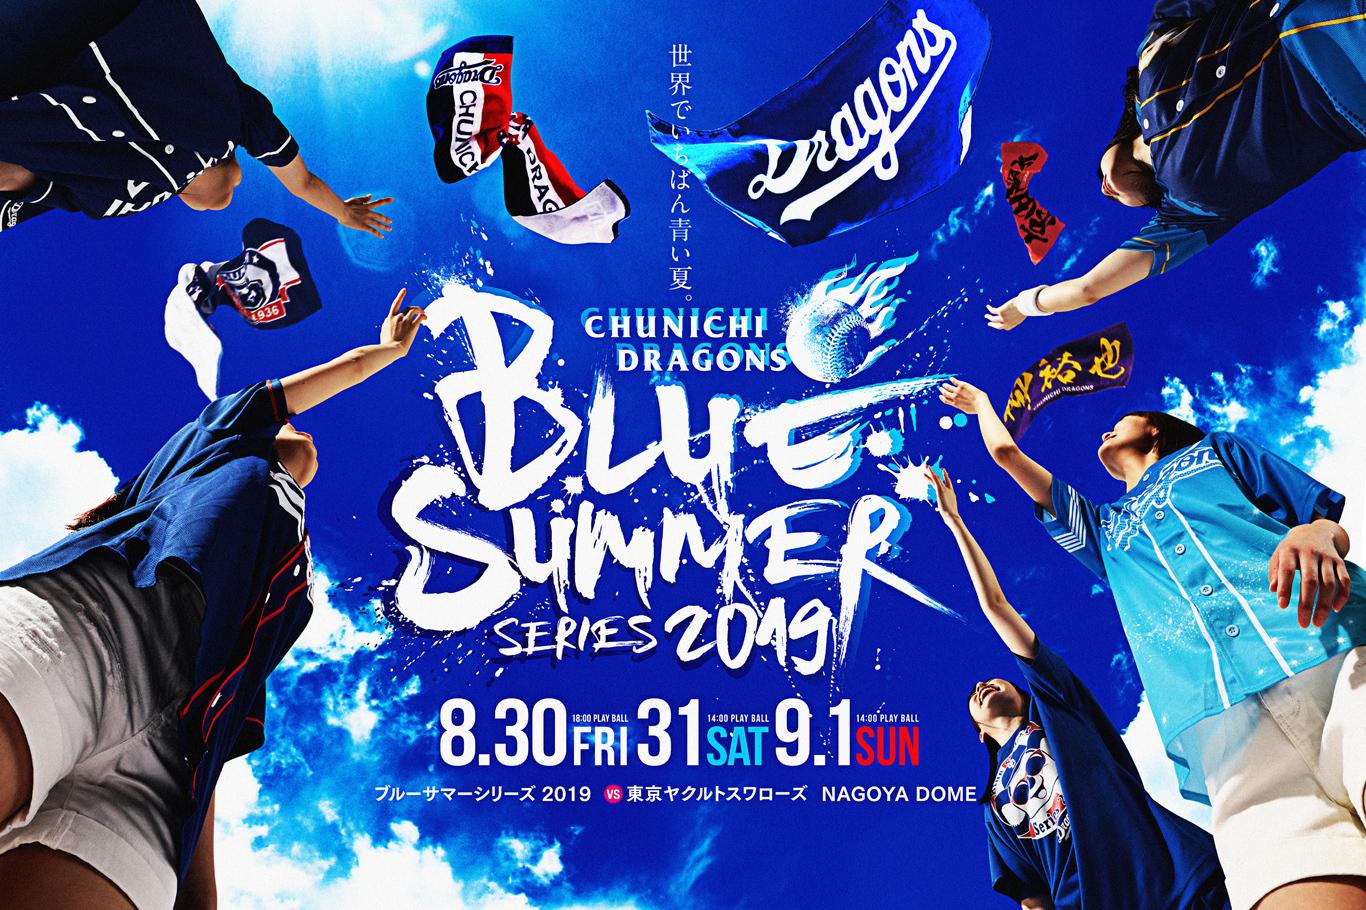 『ブルーサマーシリーズ 2019』は8月30日(金)~9月1日(日)に開催